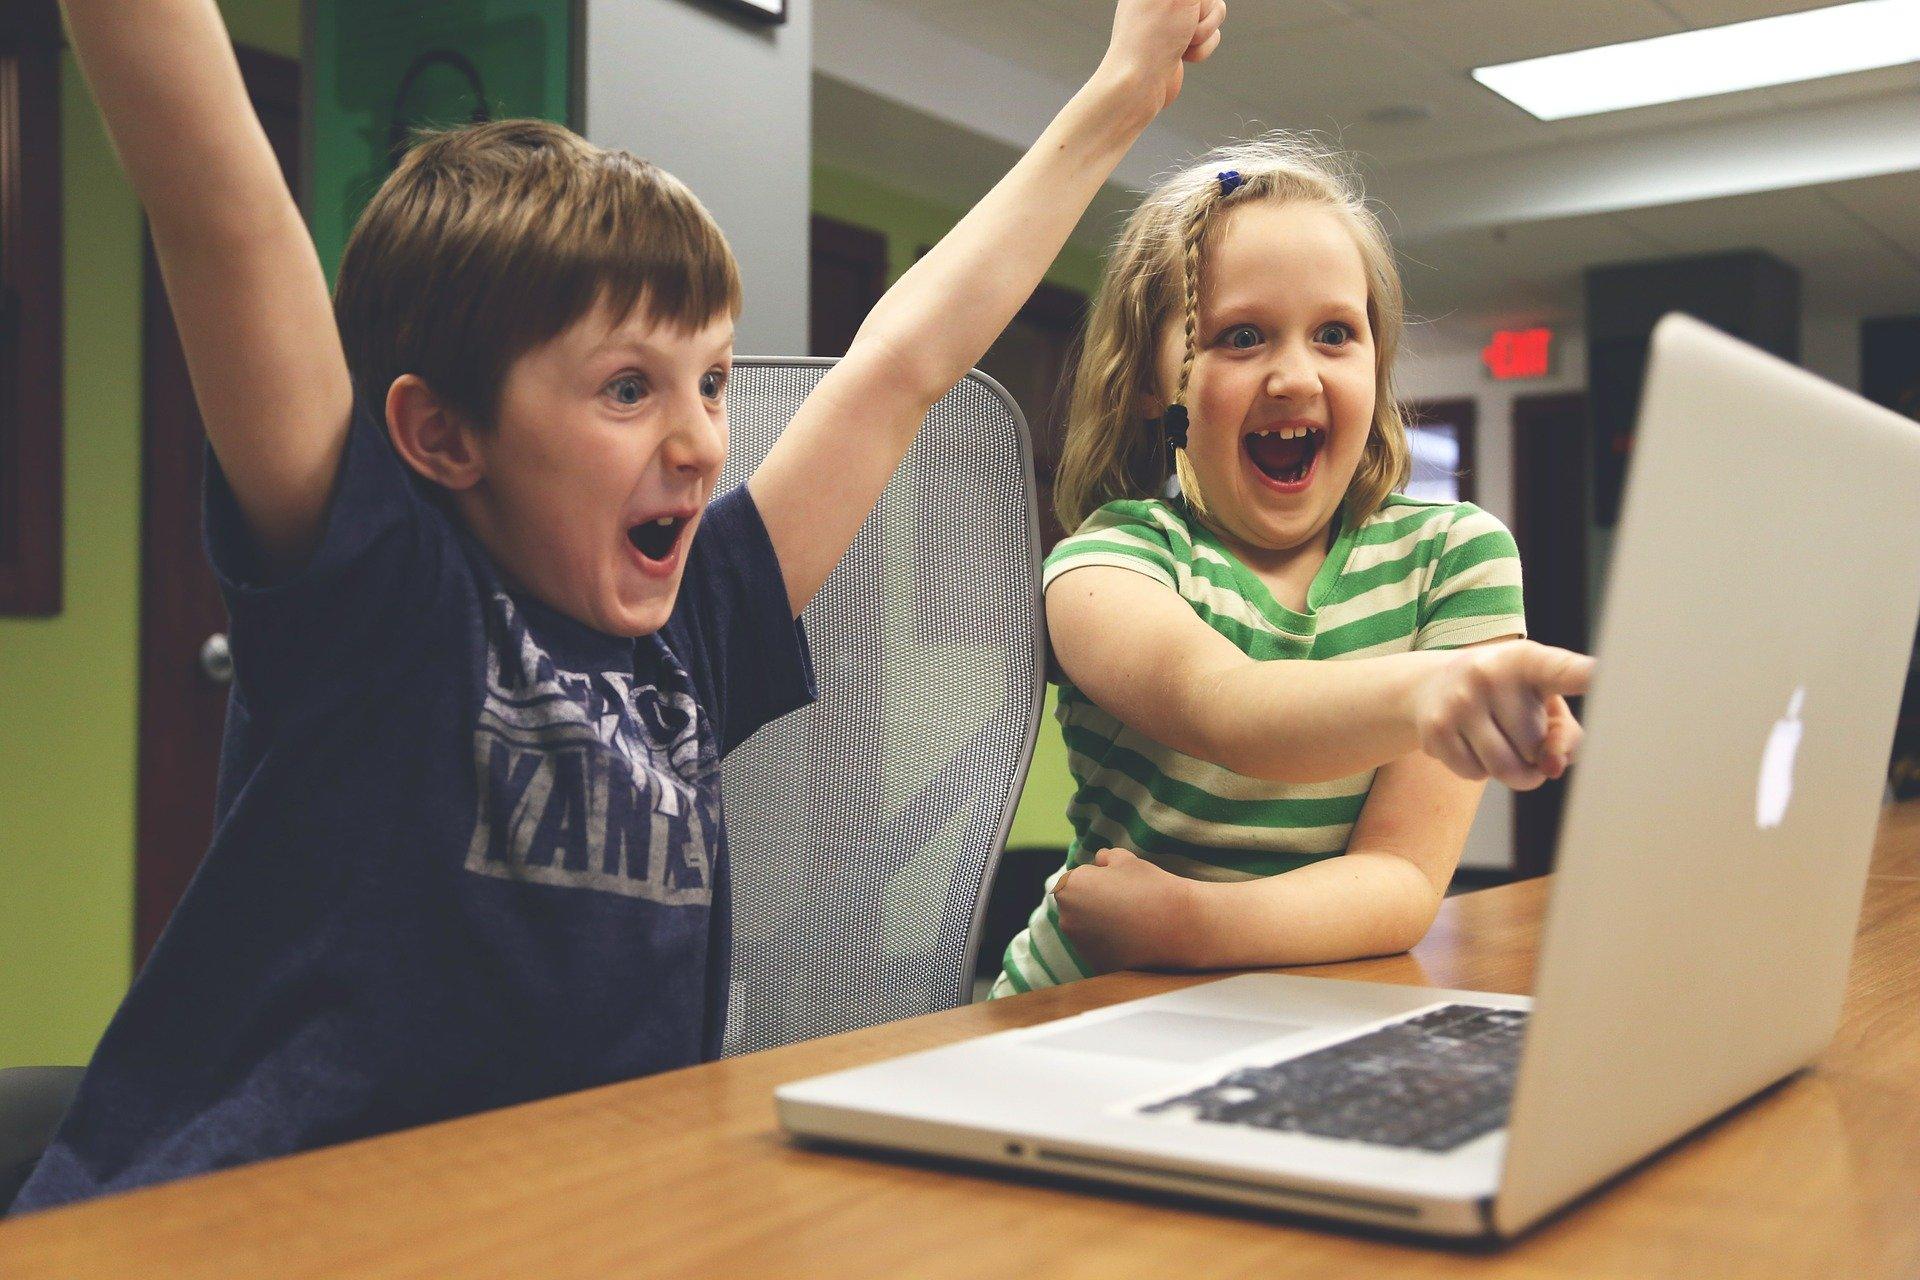 Curso online videojuegos